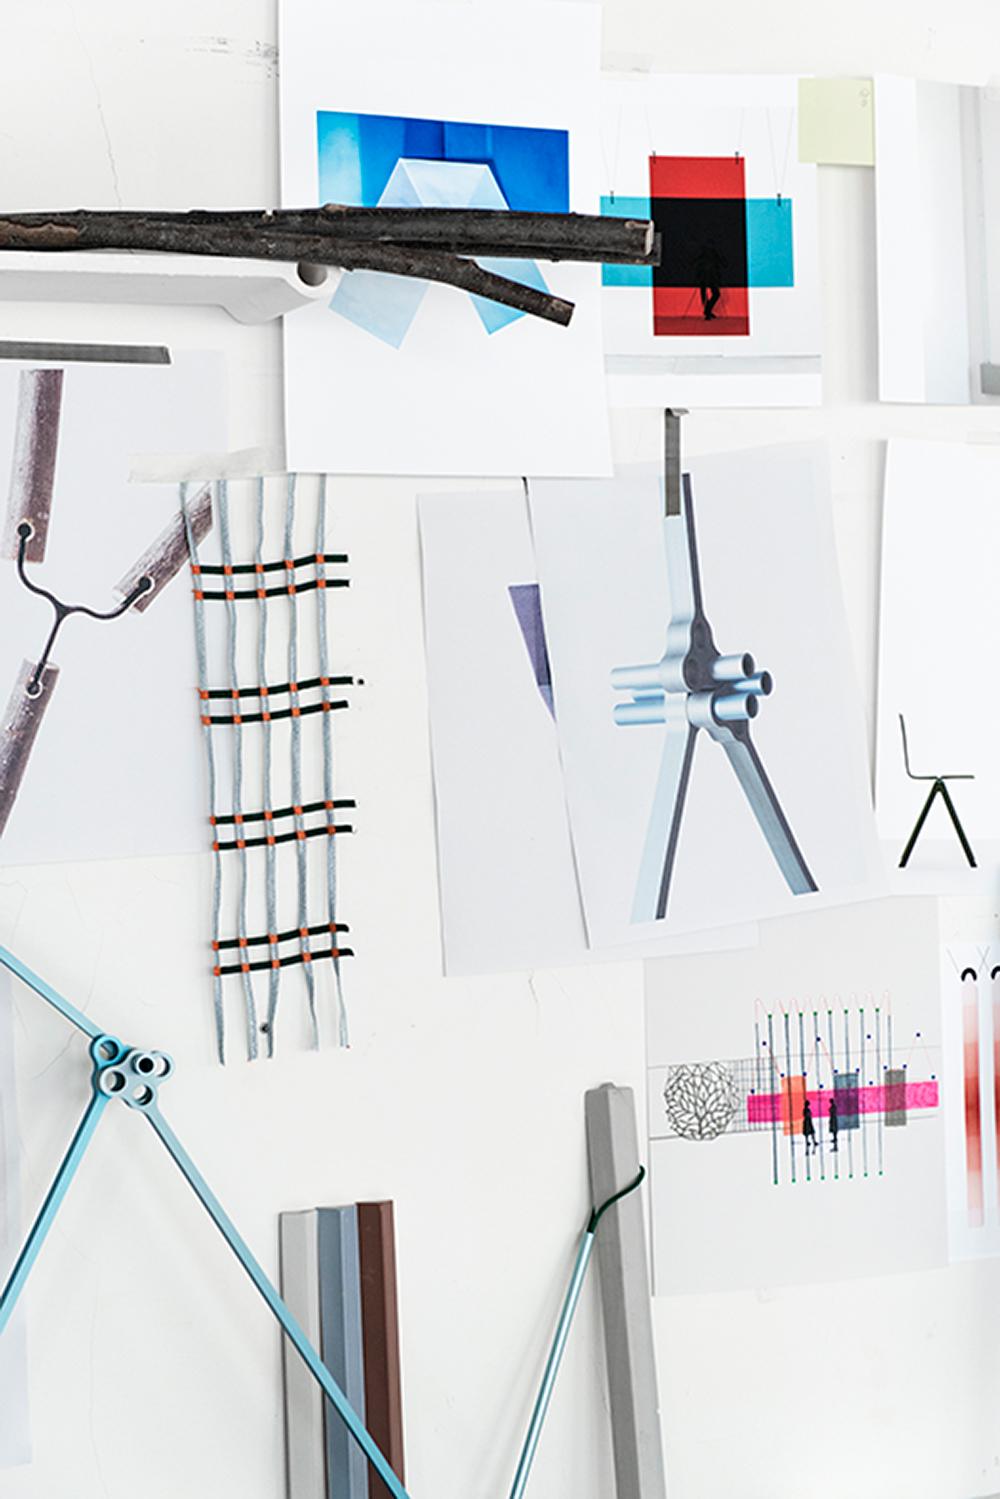 סדנת העבודה בסטודיו בורולק, פריז, 2015 צילום © סטודיו בורולק